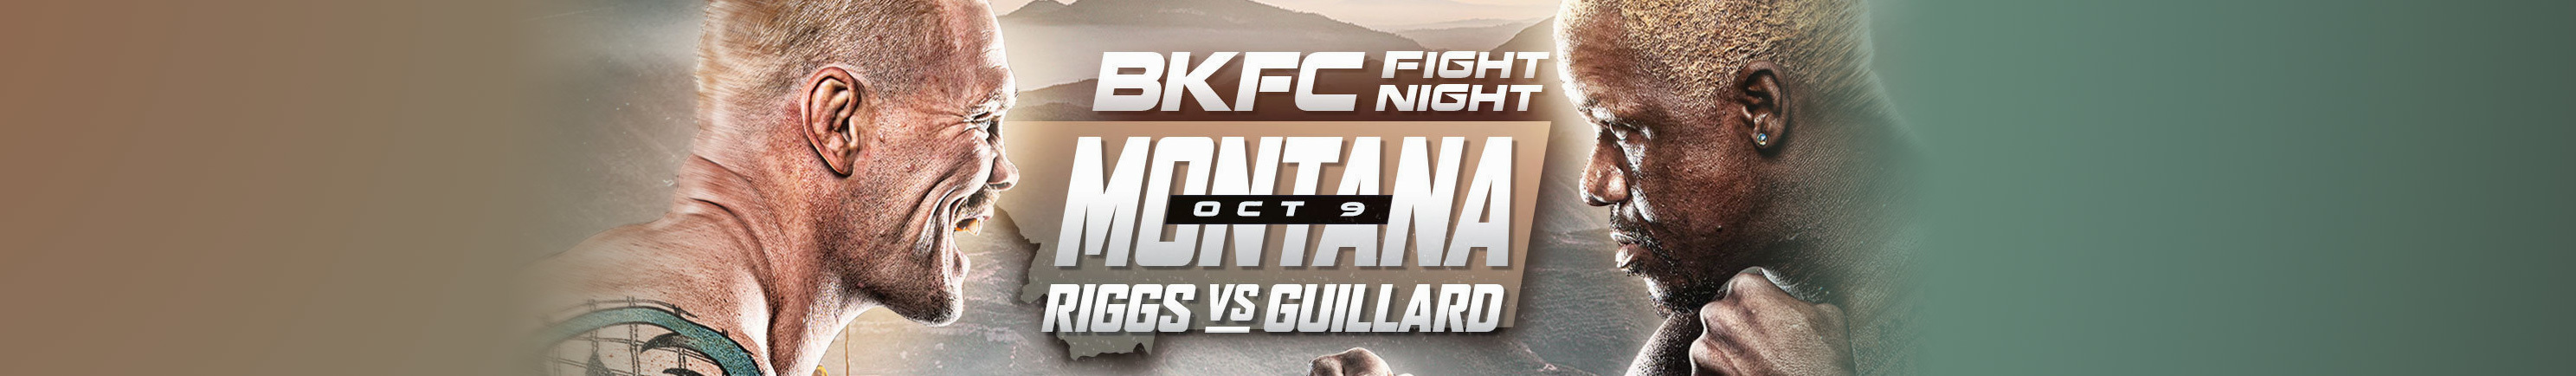 BKFC Fight Night MONTANA